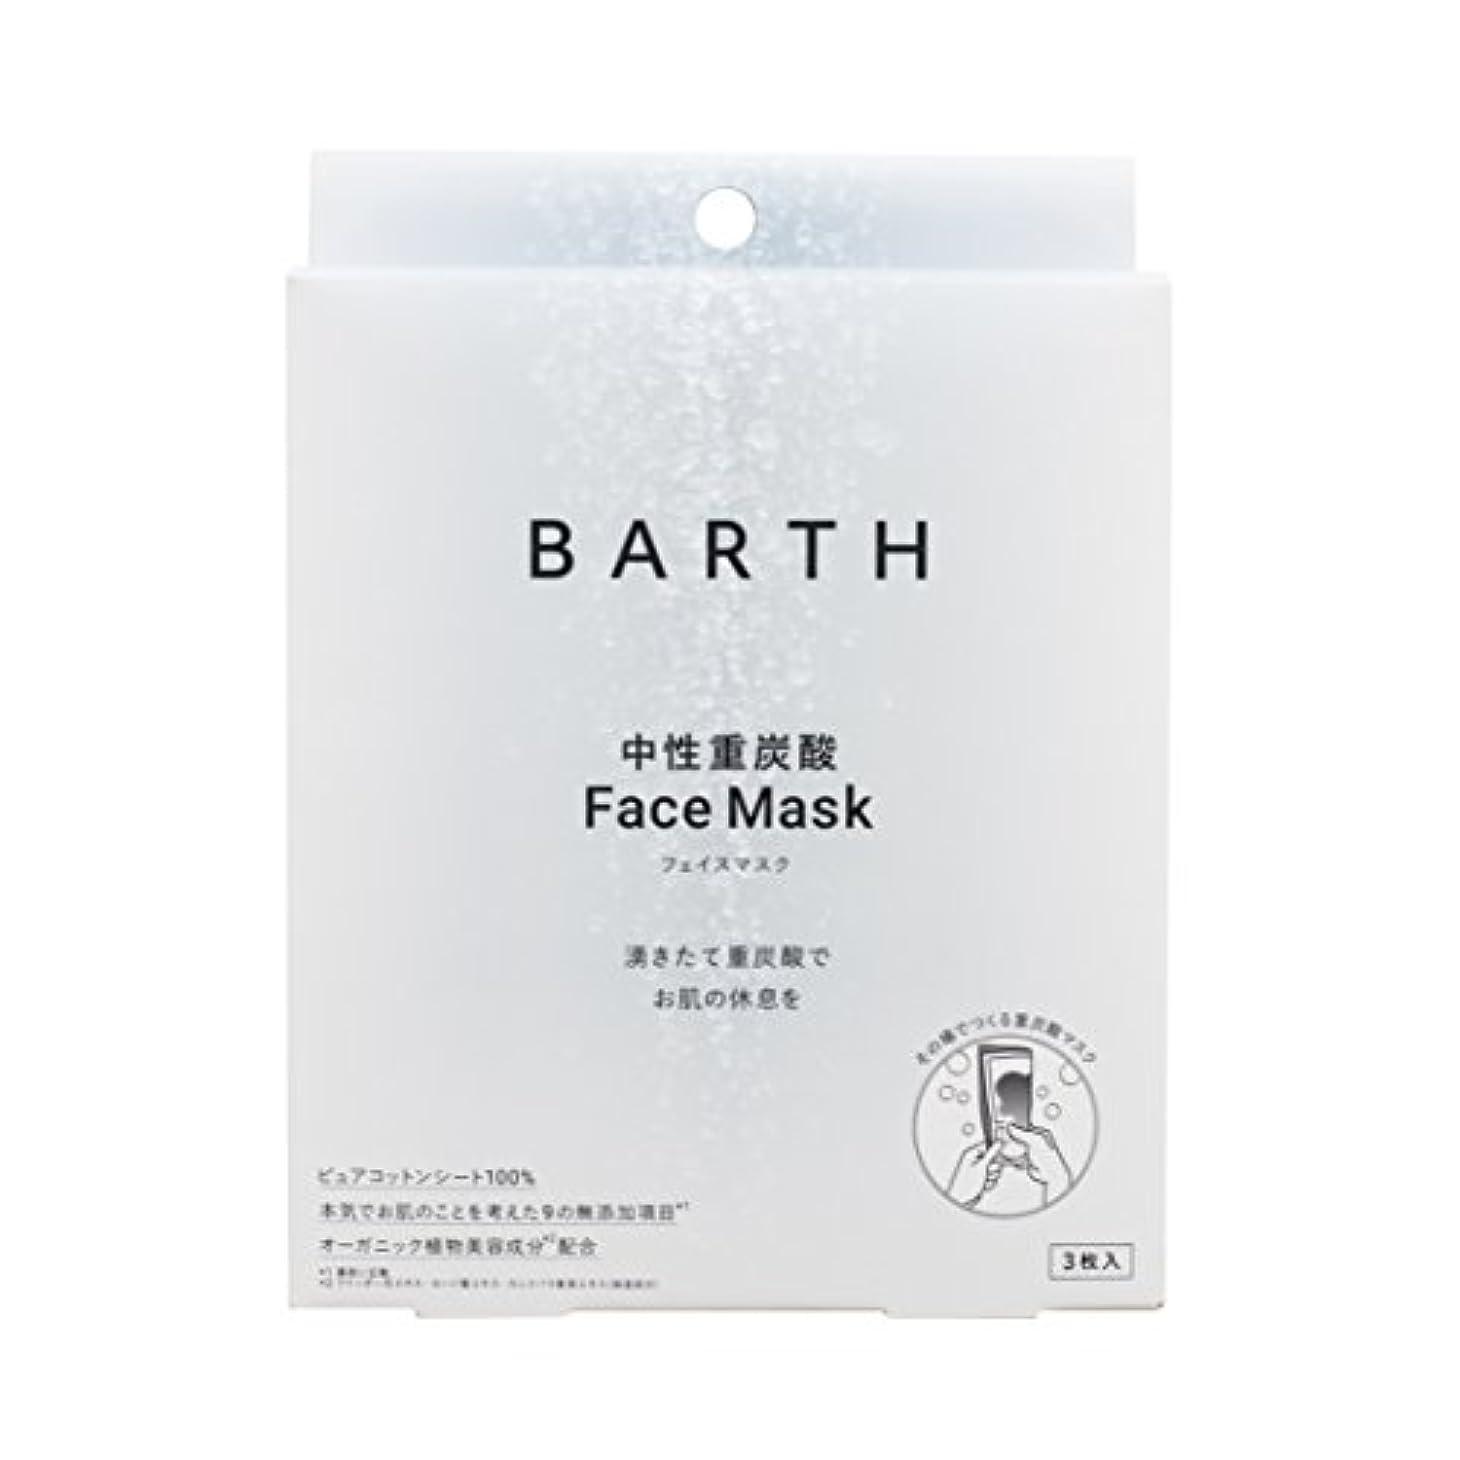 浸漬不潔ベアリングサークルBARTH【バース】 中性 重炭酸 フェイスマスク (無添加 日本製 ピュアコットン 100% オーガニック植物美容成分3種入り) (3包入り)